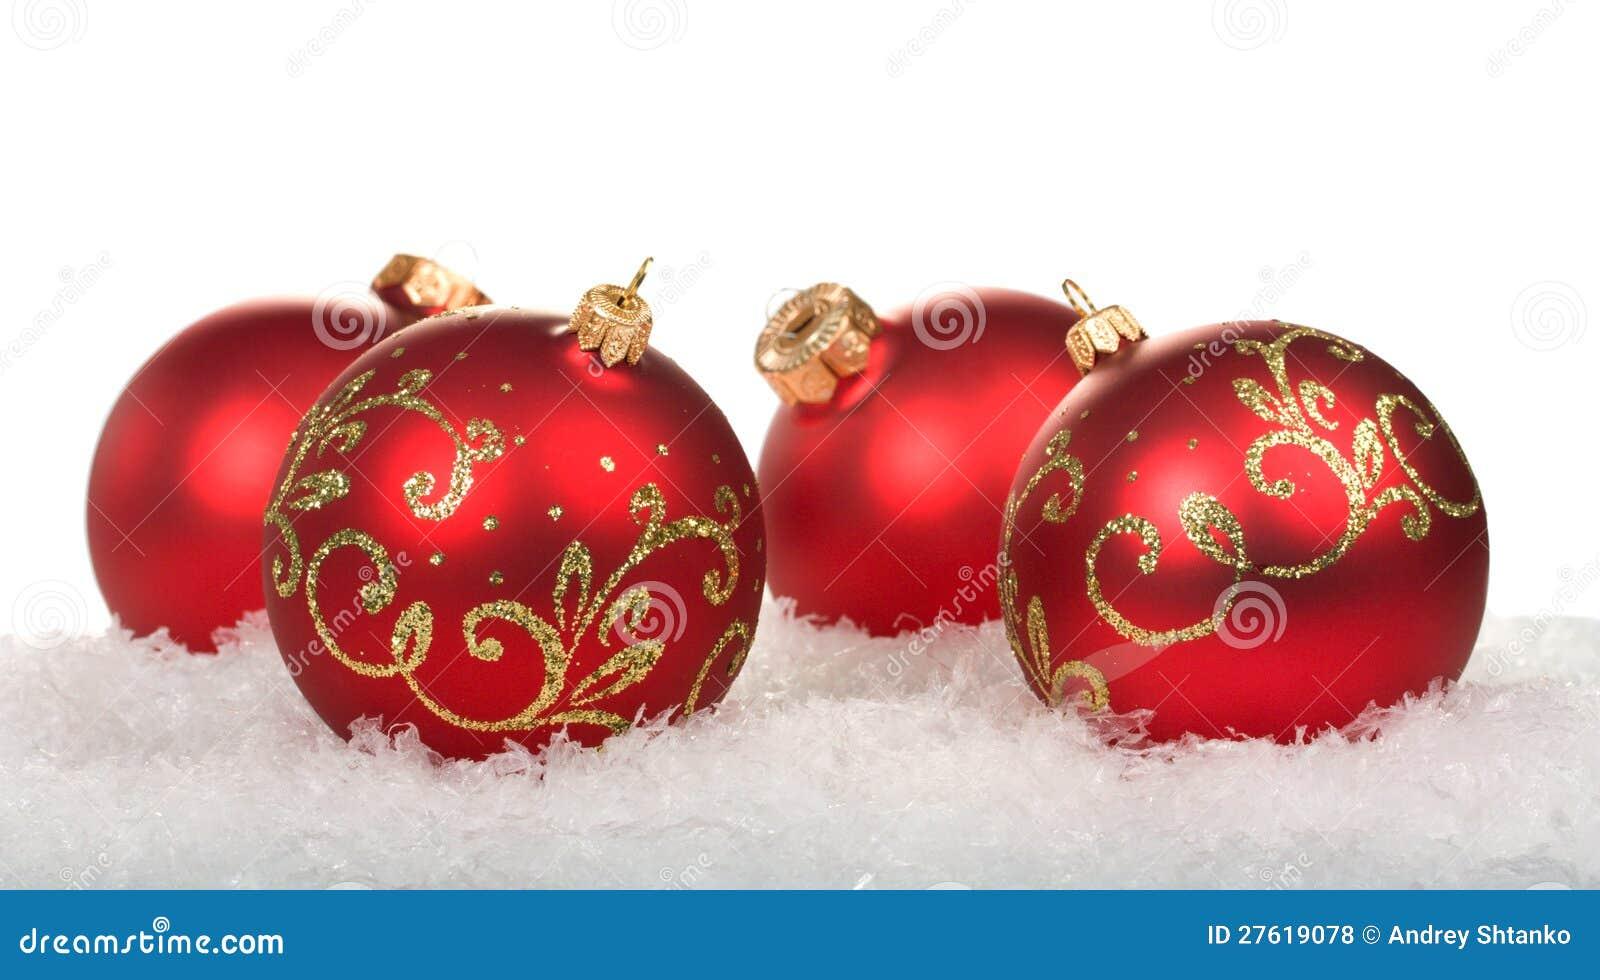 rote weihnachtskugeln mit muster lizenzfreie stockfotos bild 27619078. Black Bedroom Furniture Sets. Home Design Ideas